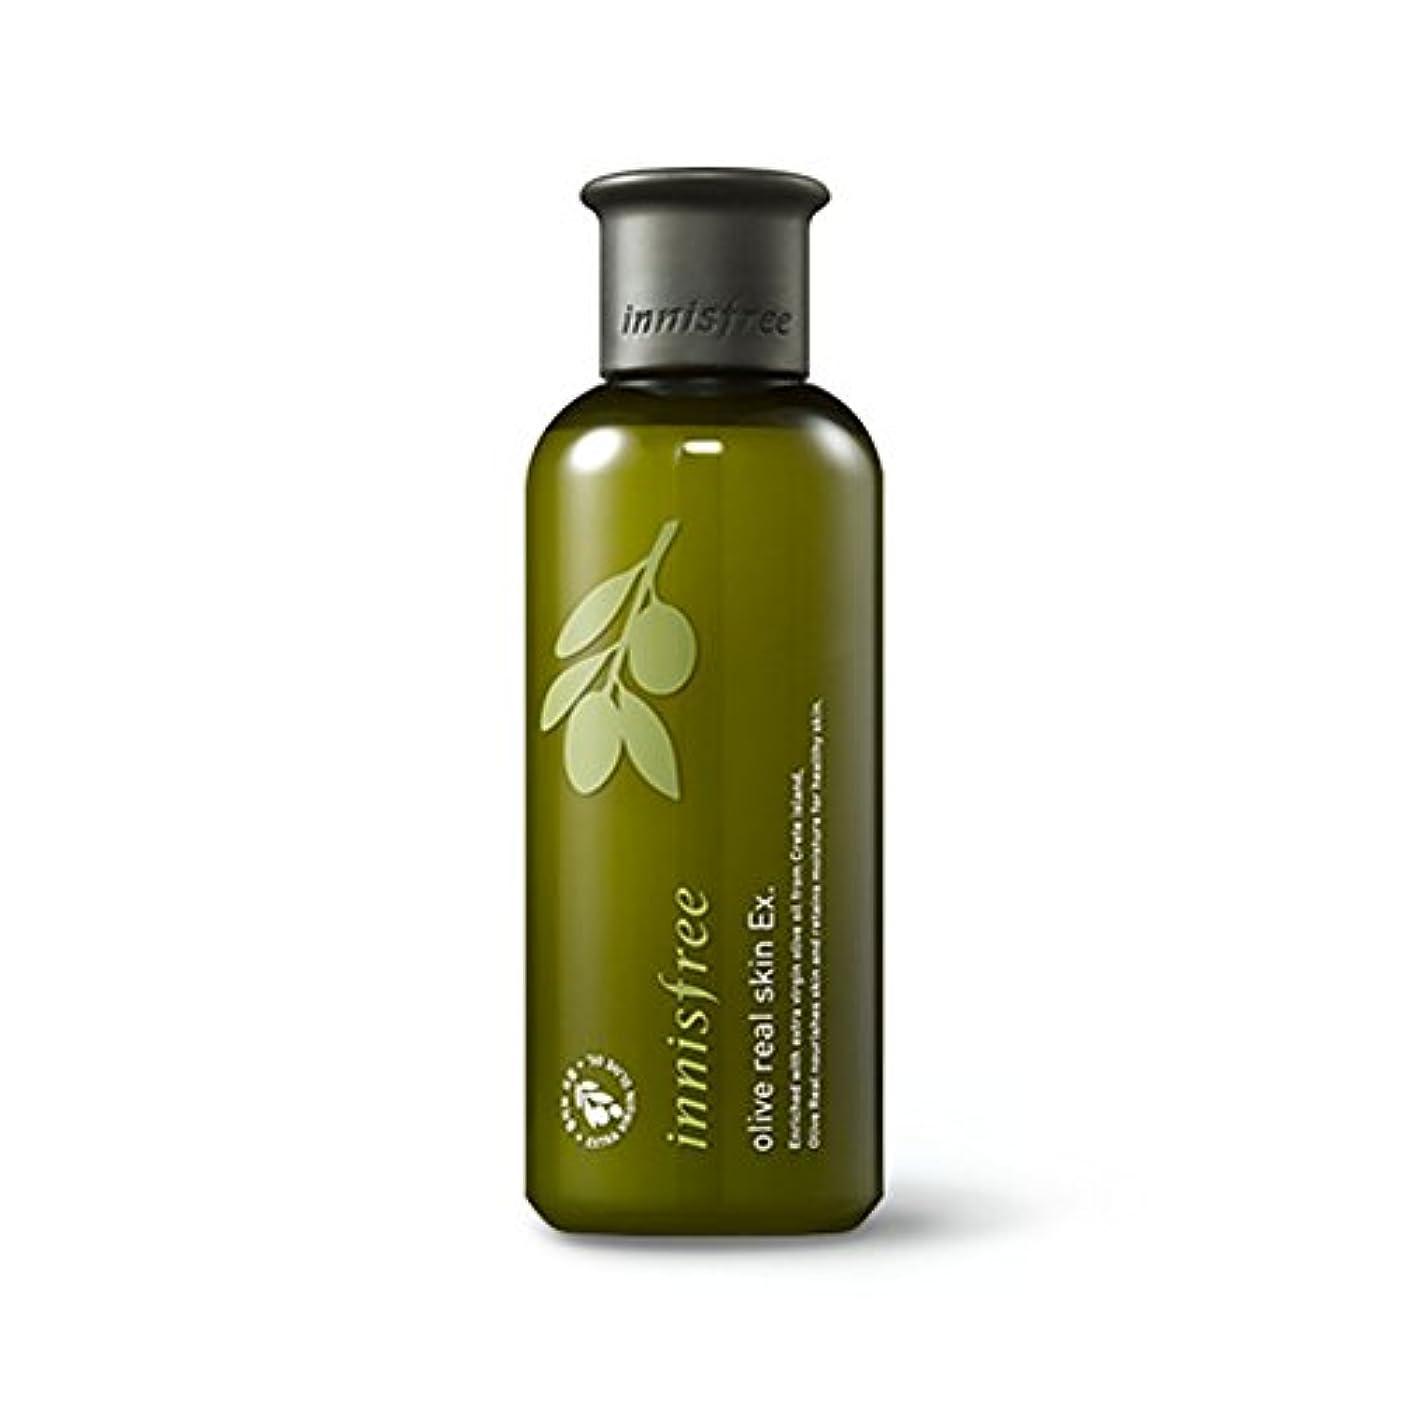 人道的不平を言う行商人イニスフリーオリーブリアルスキン 200ml Innisfree Olive Real Skin Ex. 200ml [海外直送品][並行輸入品]